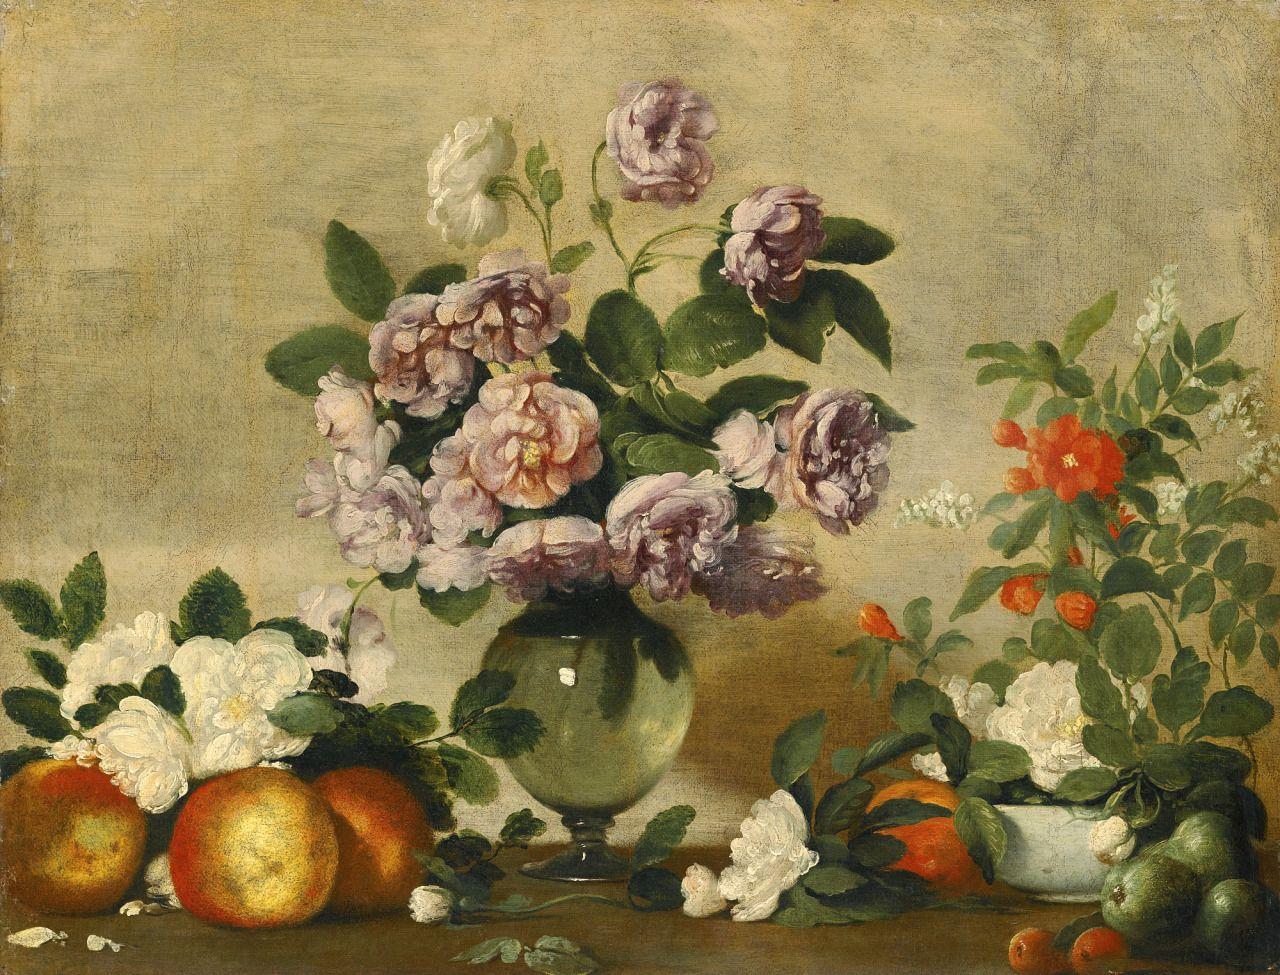 """""""Natura morta con peonie rosa e bianche in vaso di vetro"""" olio su tela (54x70) Bernardo Strozzi (Genova 1581 - Venezia 1644)"""